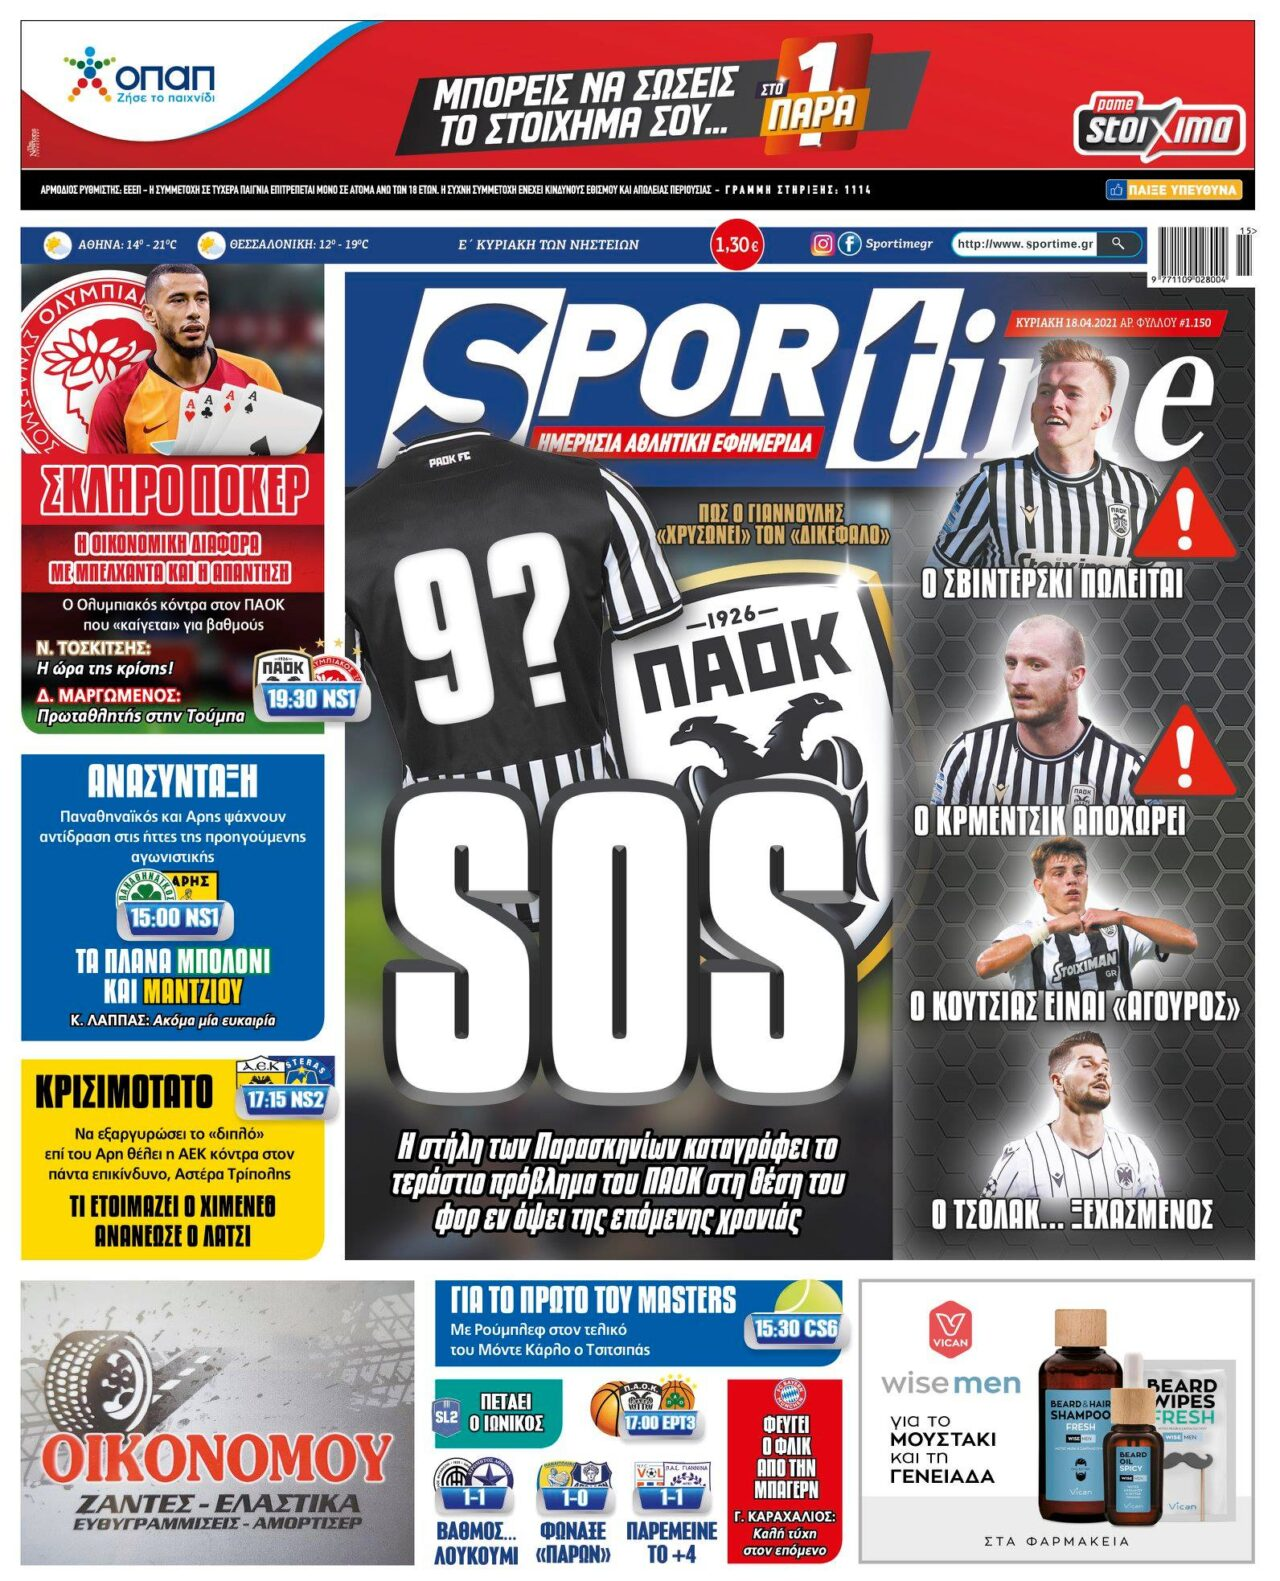 Πρωτοσέλιδο Sportime 18-4